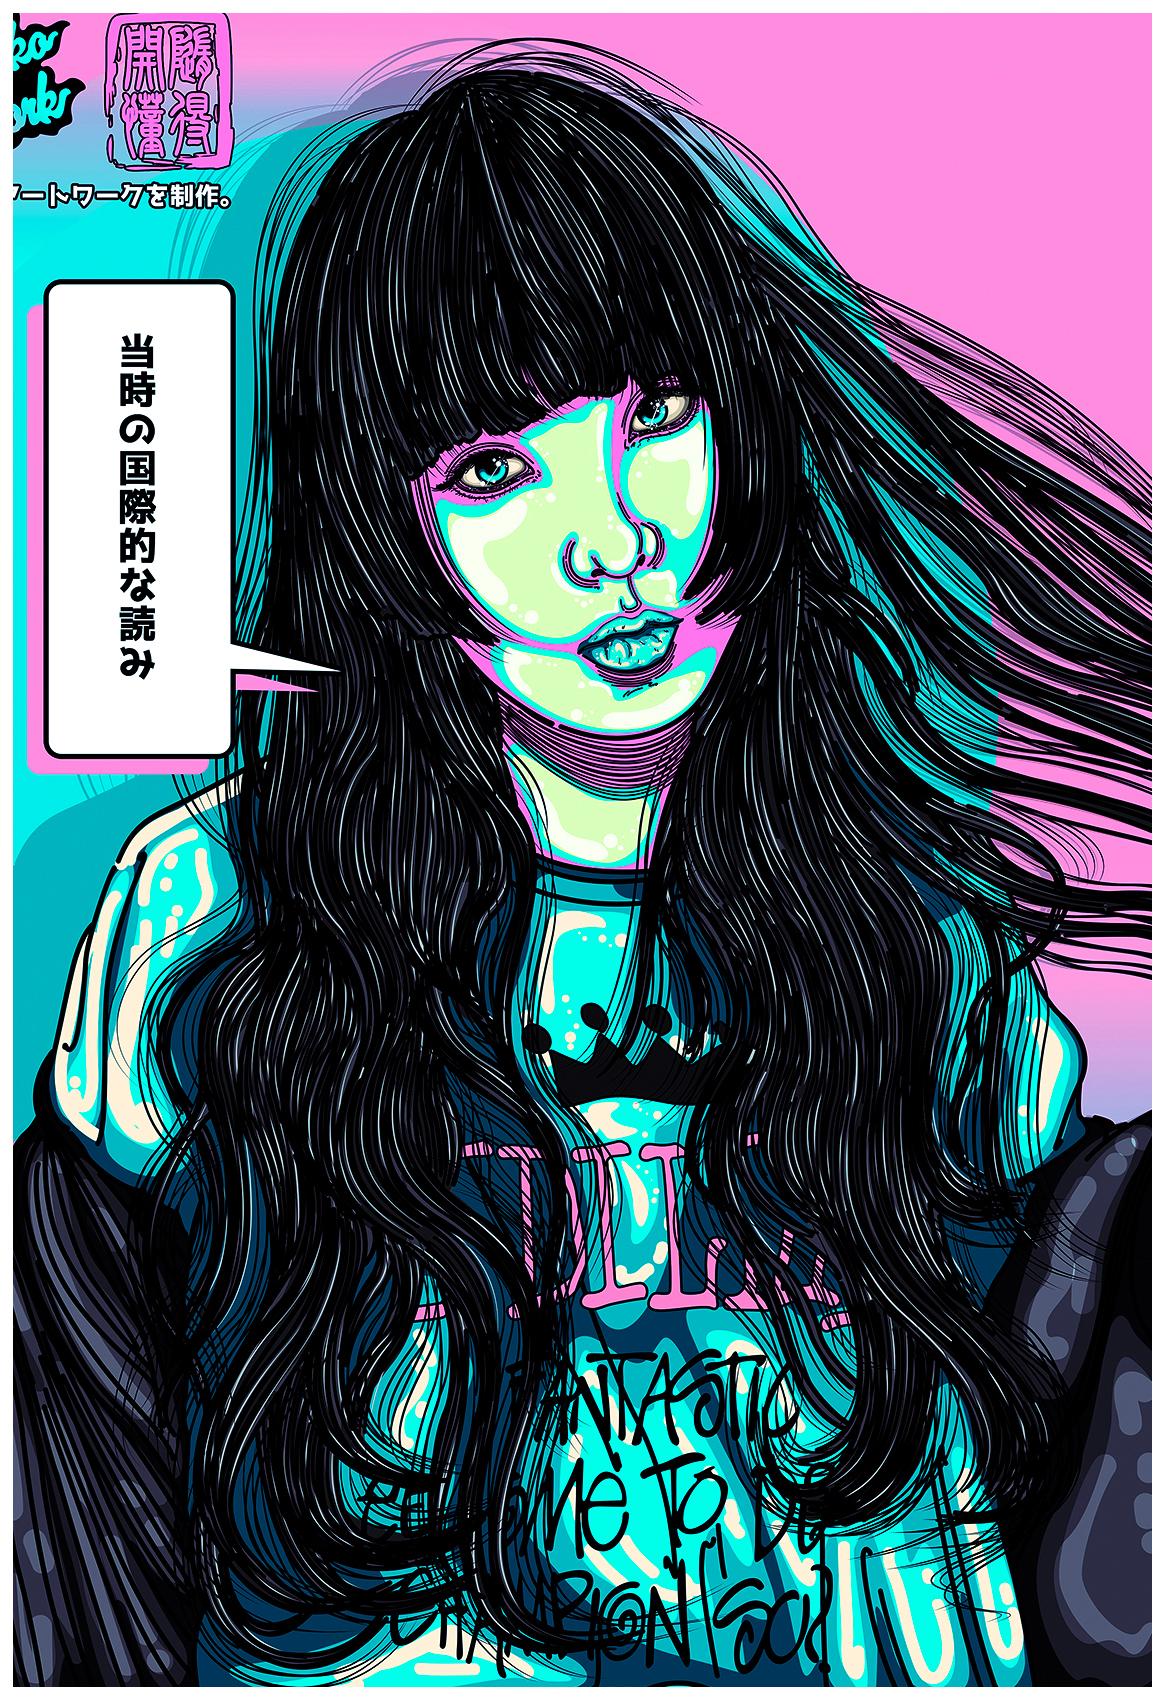 Atsuko-09's Profile Picture